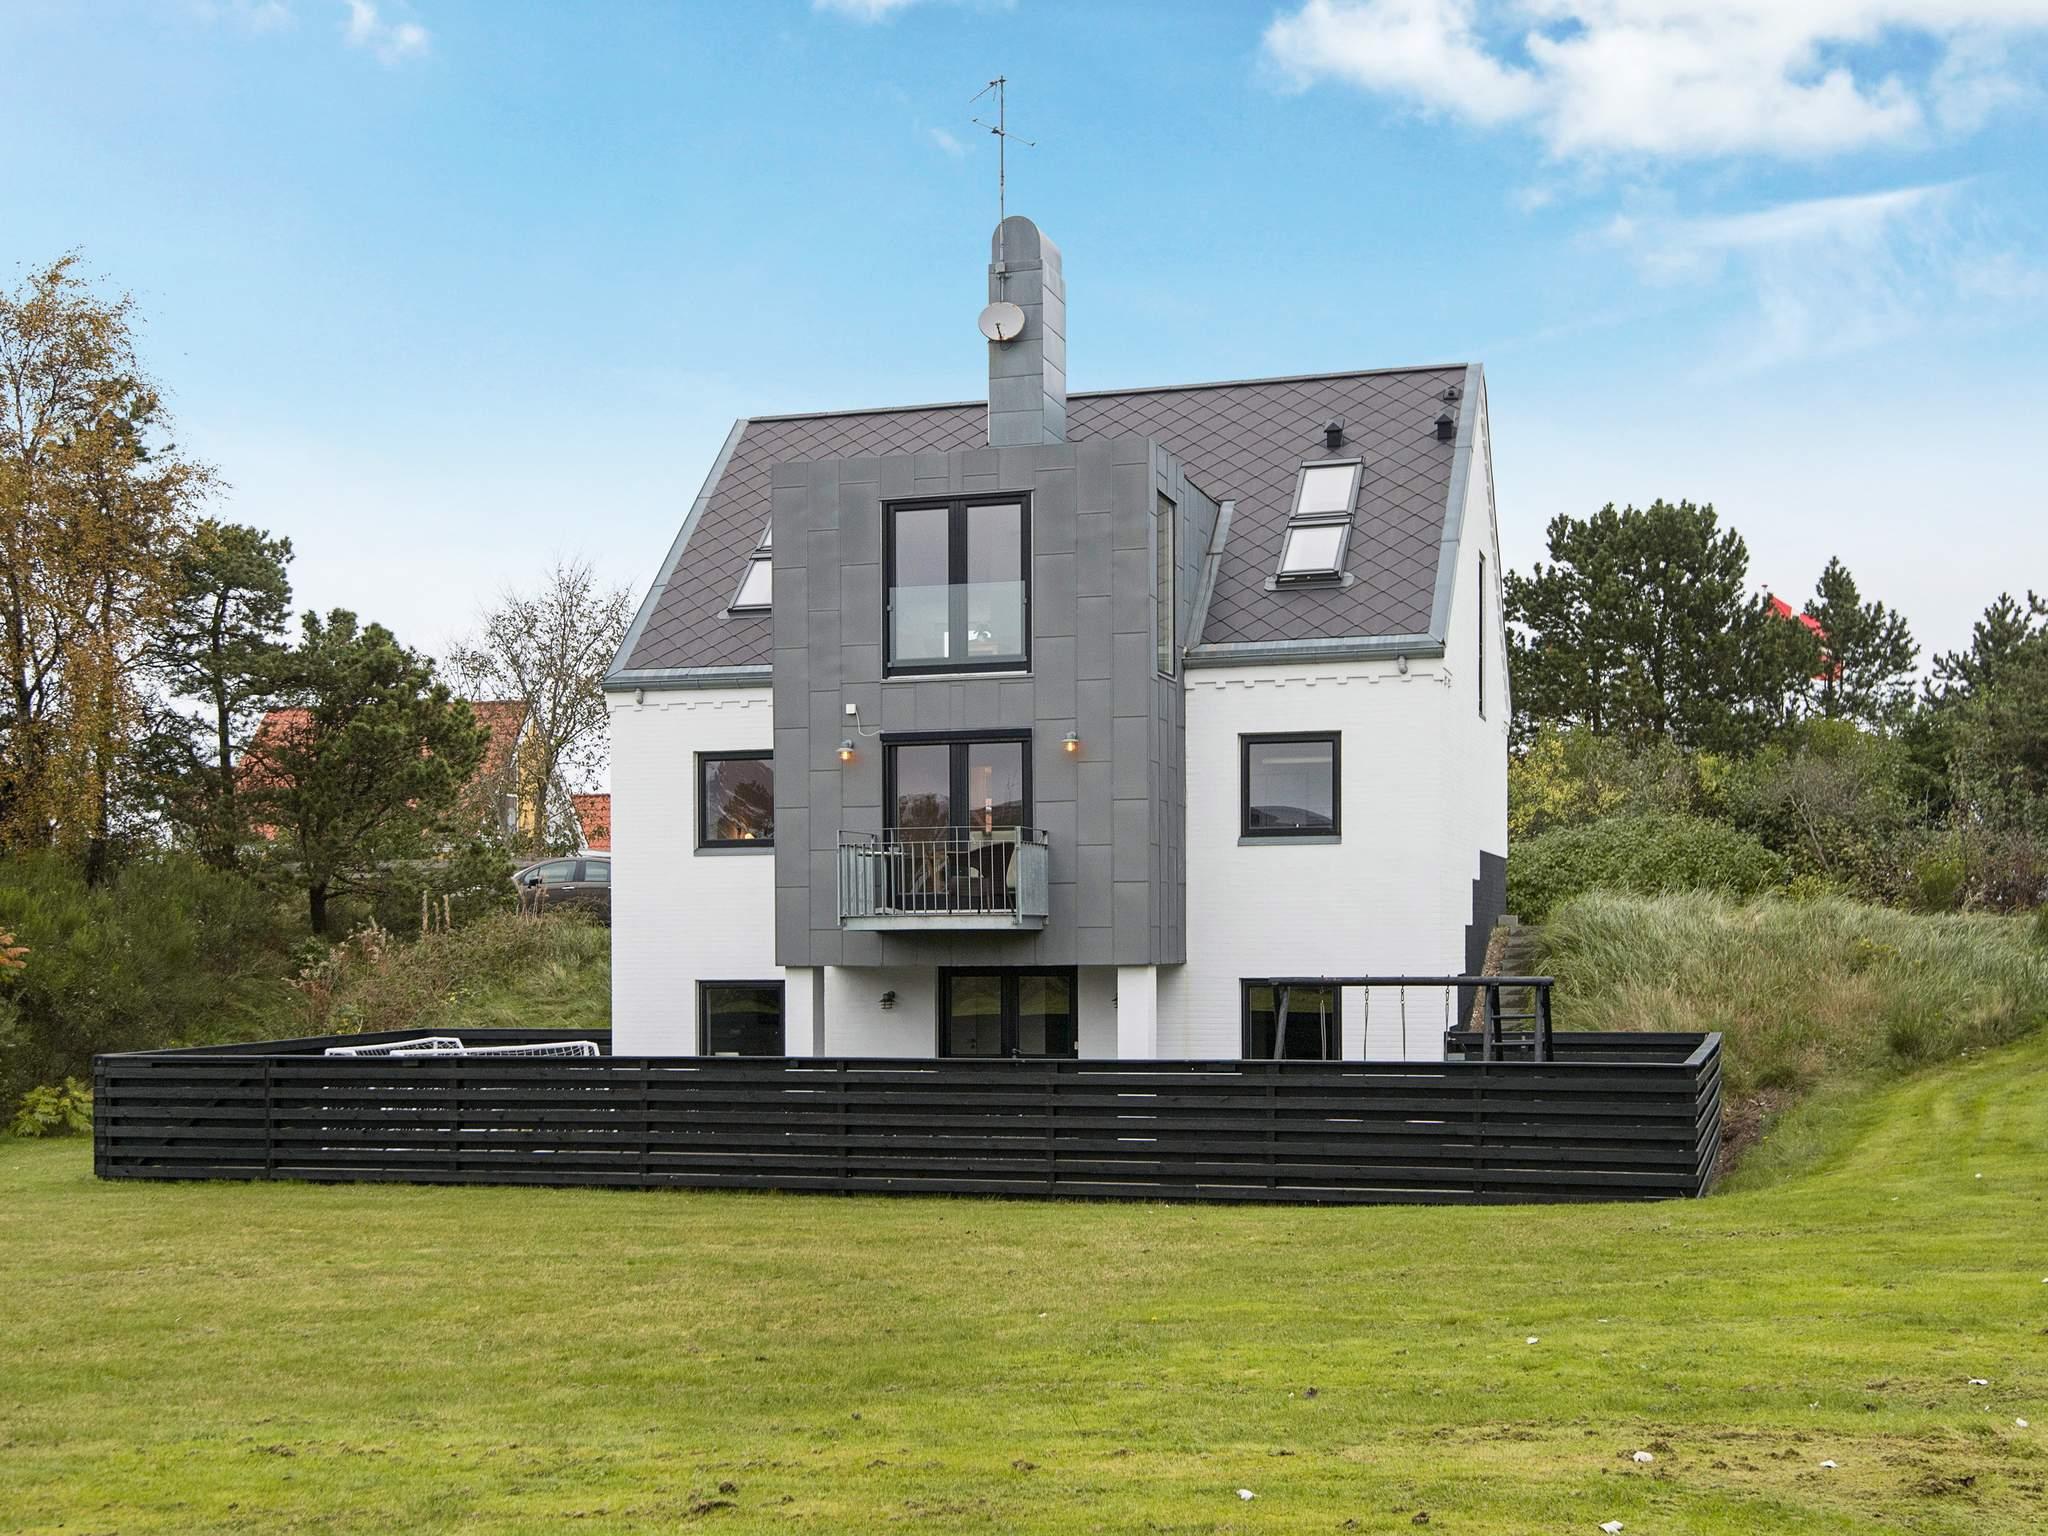 Ferienhaus Bønnerup Strand (493428), Bønnerup, , Ostjütland, Dänemark, Bild 16